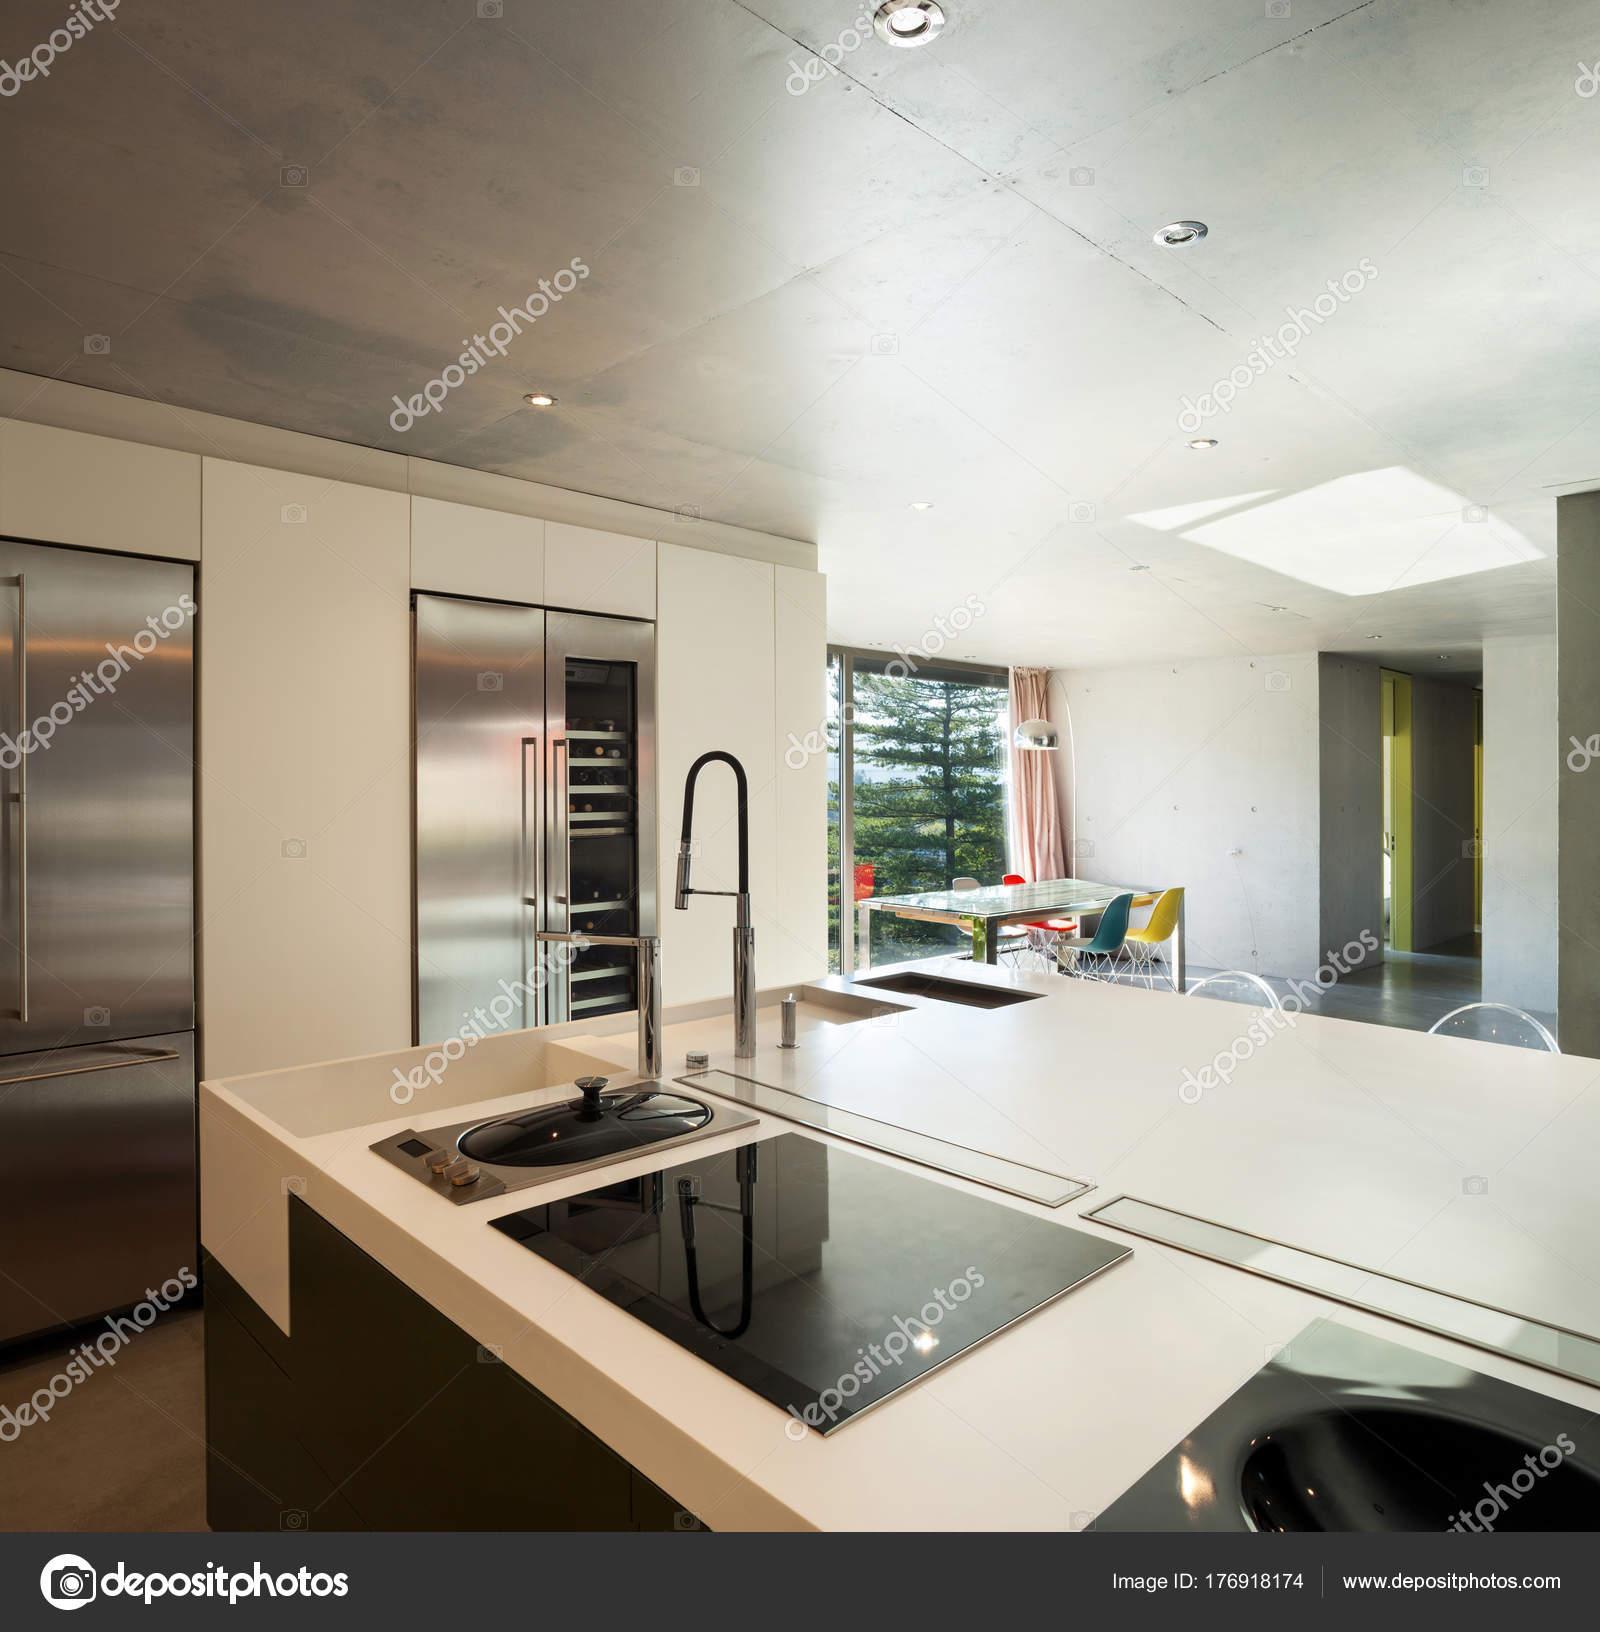 modernes Haus, Küche — Stockfoto © Zveiger #176918174